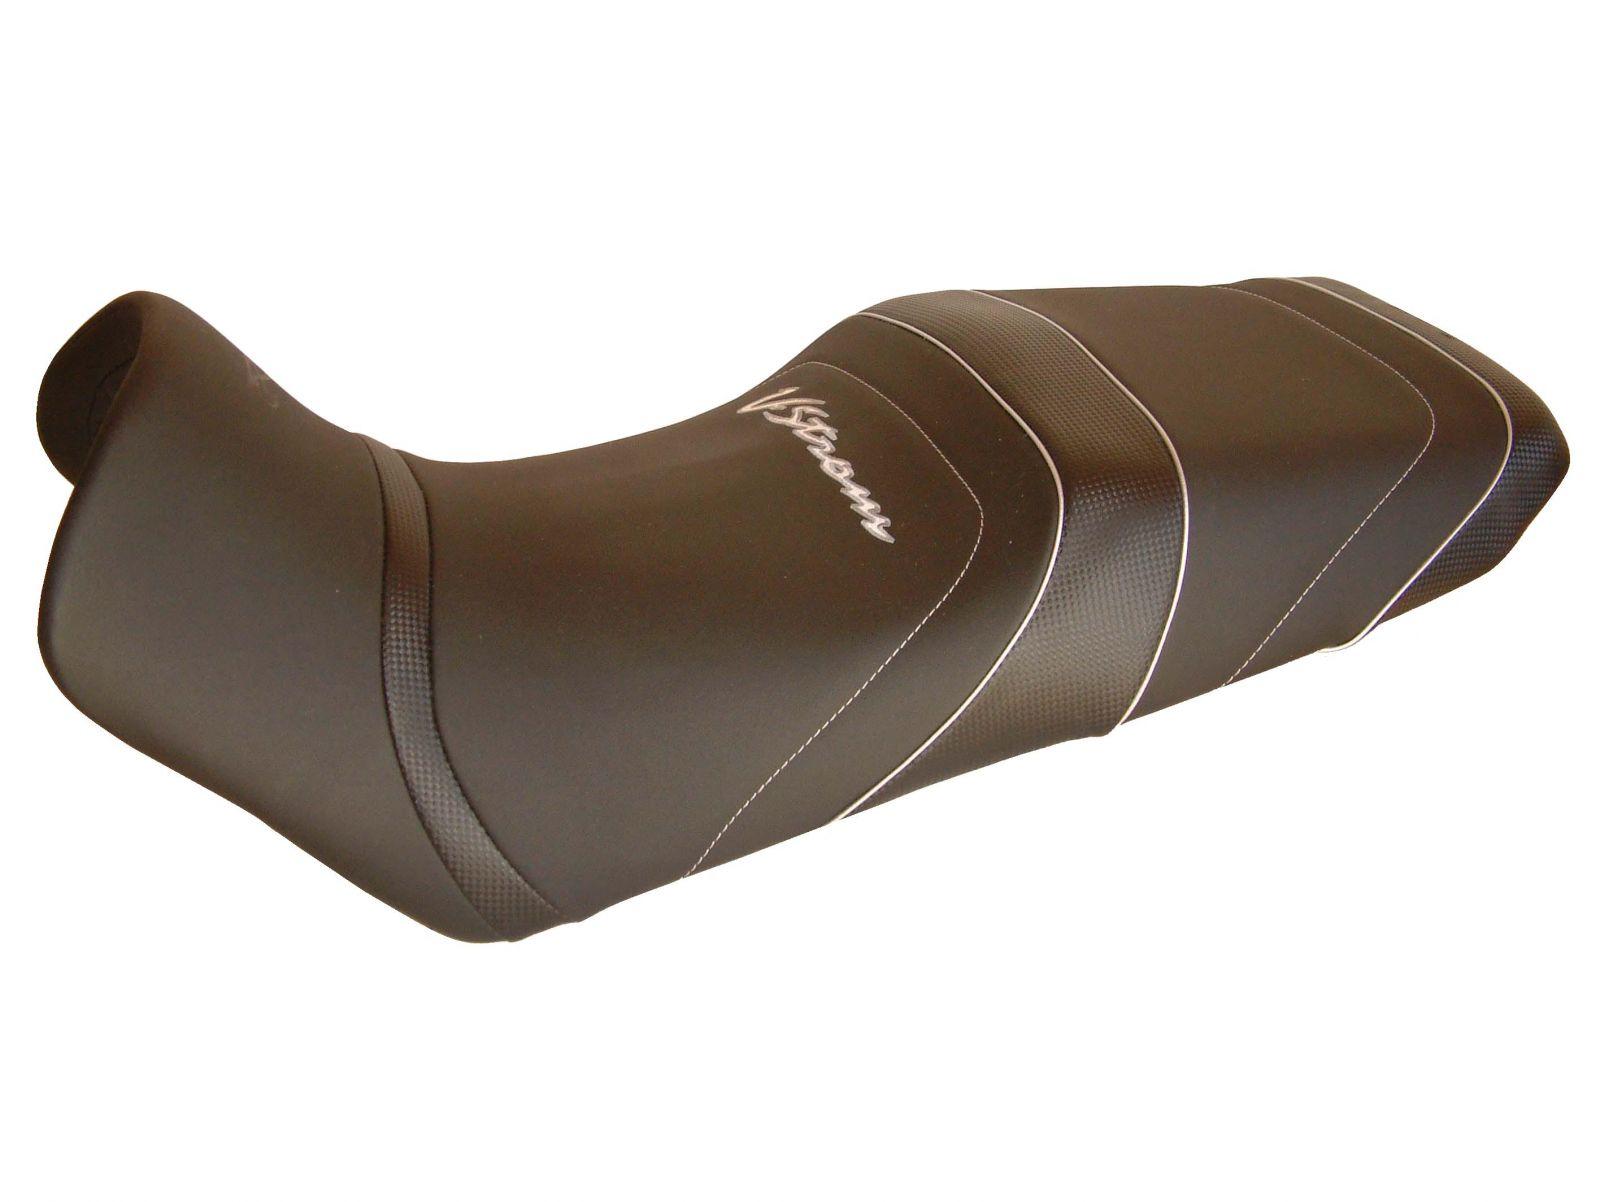 Designer style seat cover HSD3761 - SUZUKI V-STROM DL 650 [2002-2011]